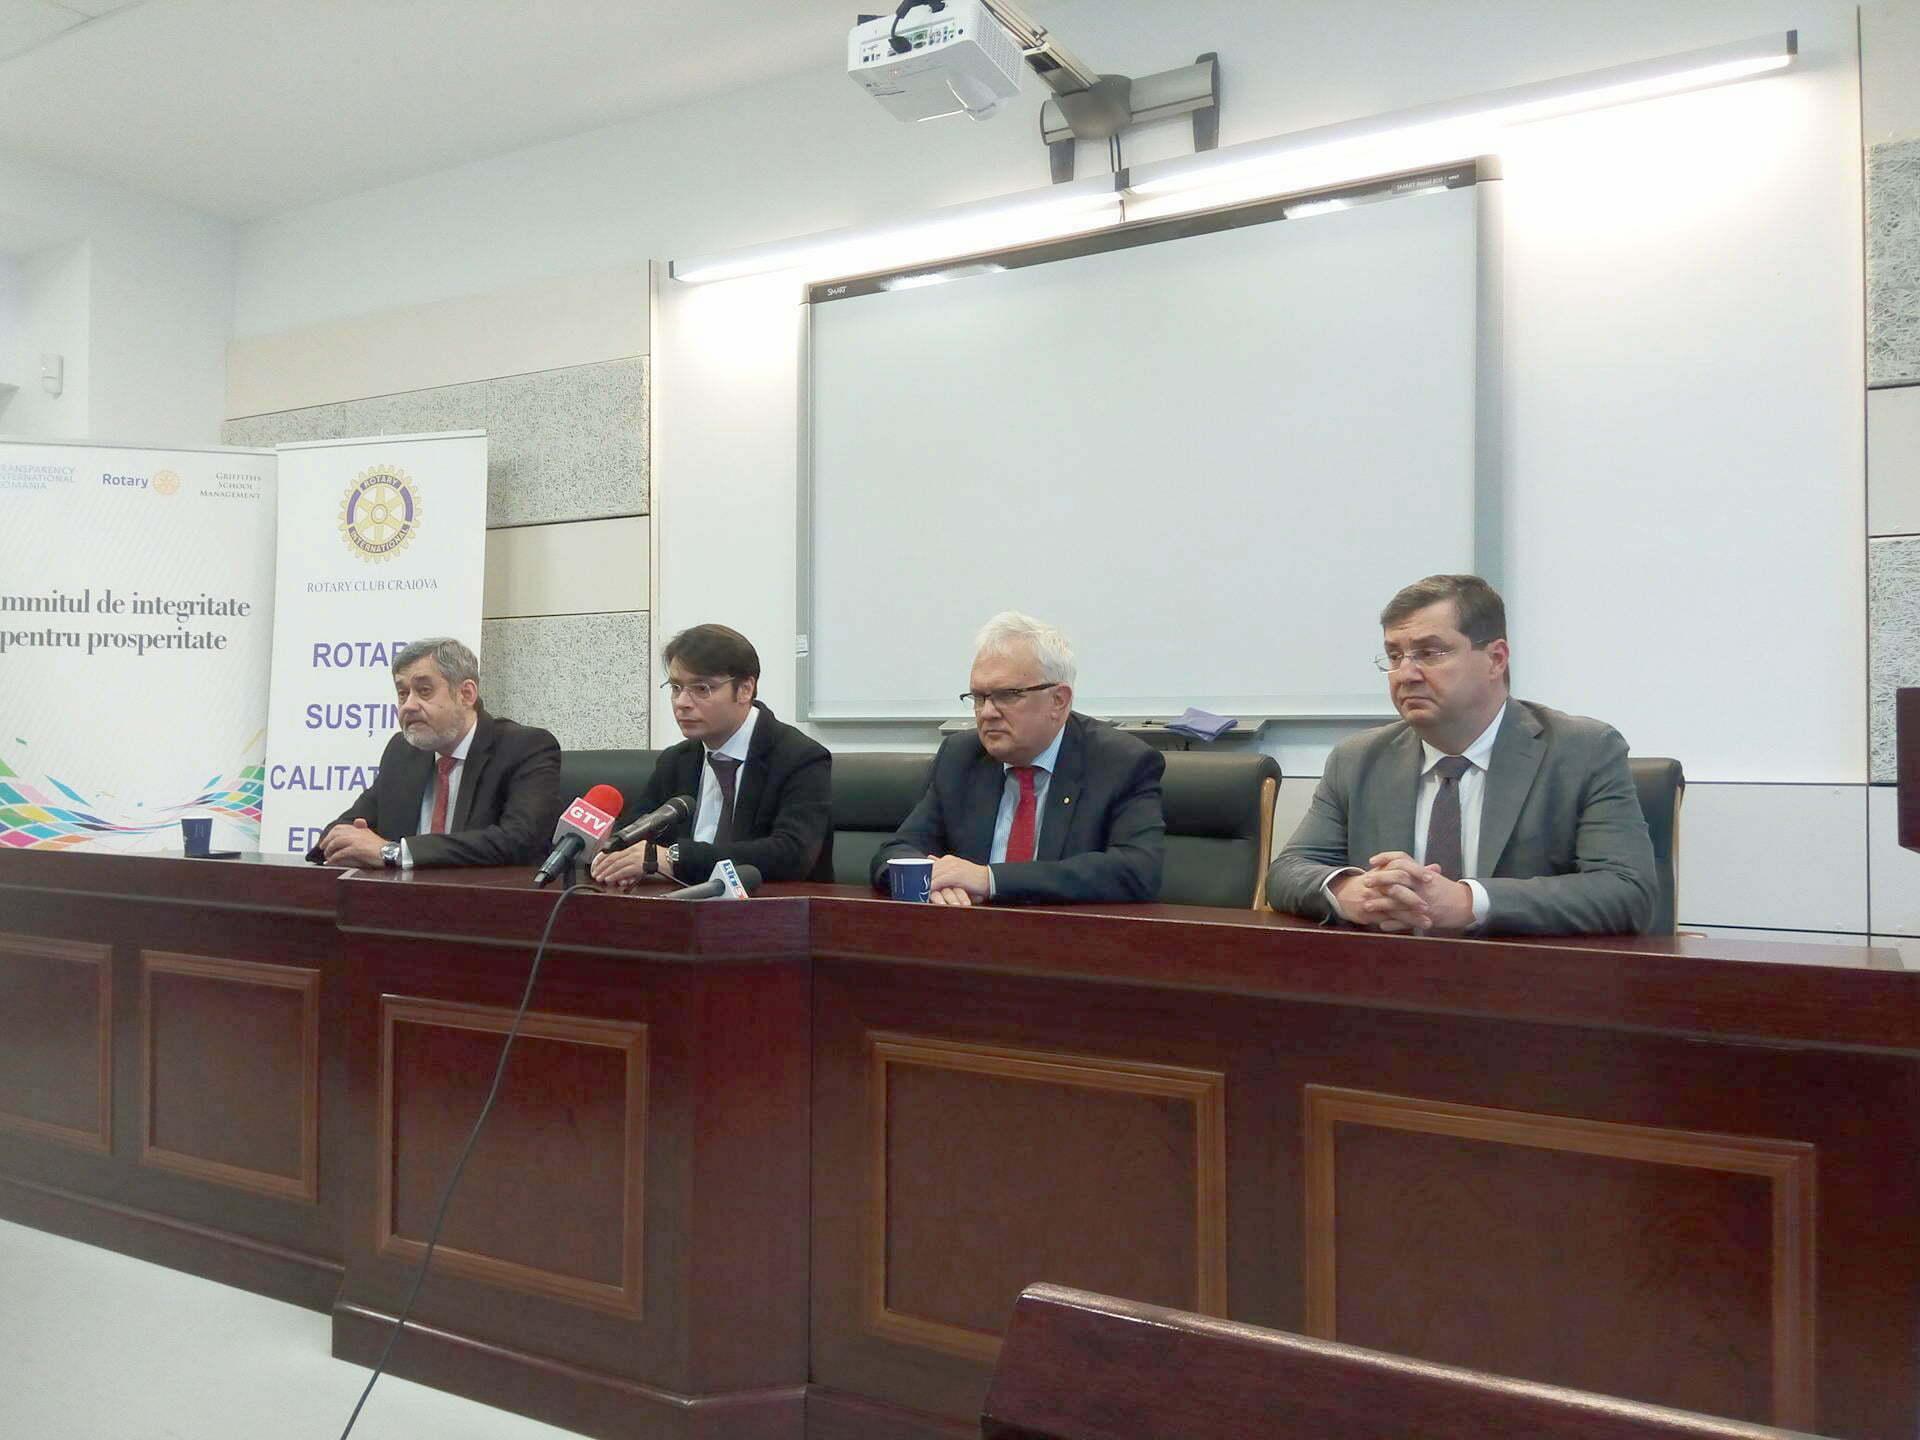 Despre integritate în afaceri, la Facultatea de Drept din Craiova